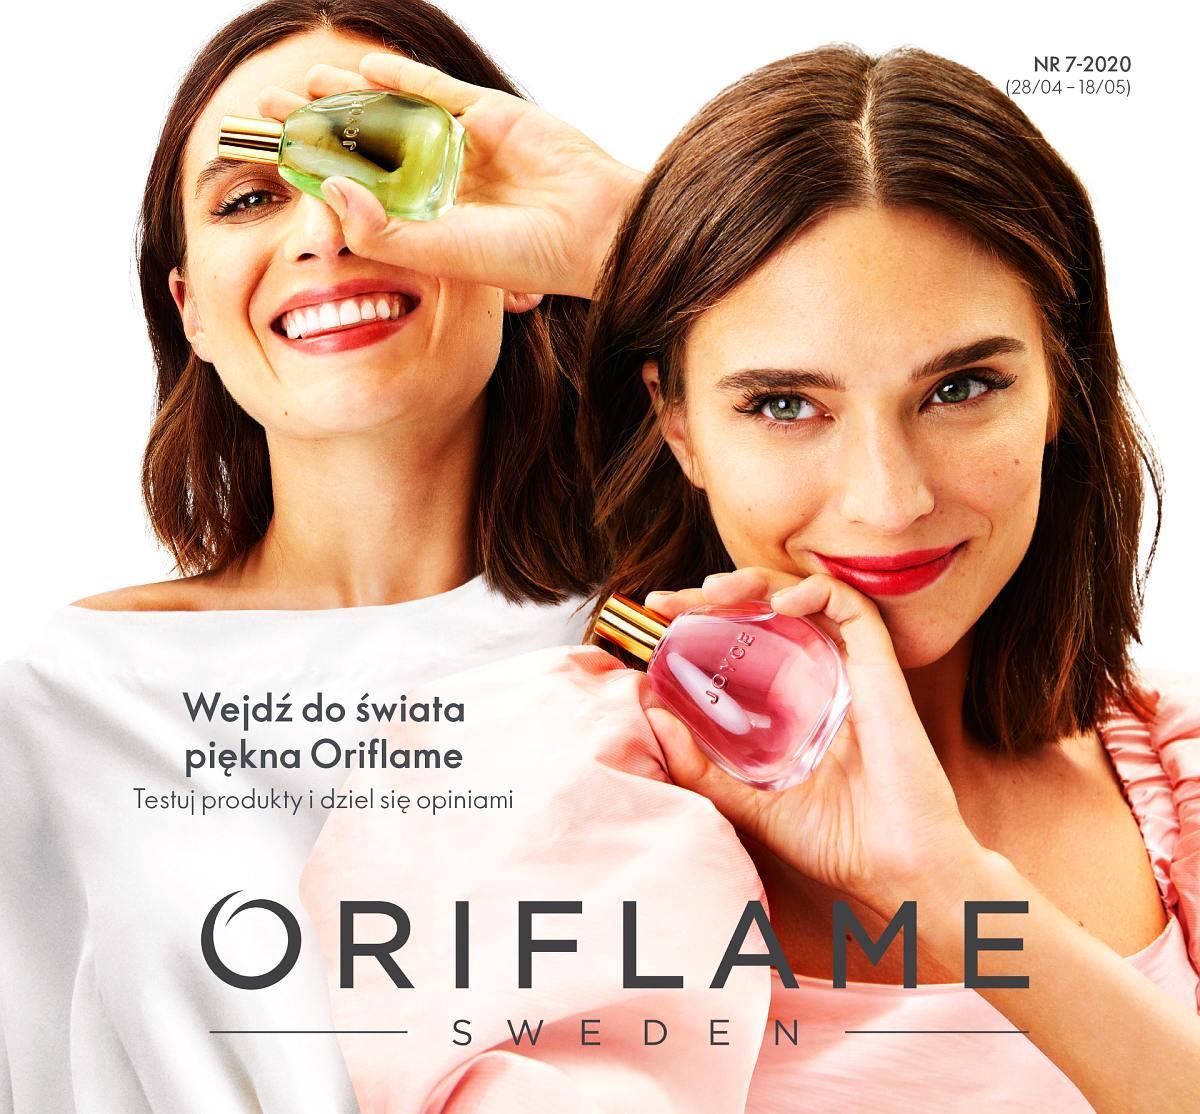 Gazetka promocyjna Oriflame do 16/05/2020 str.1